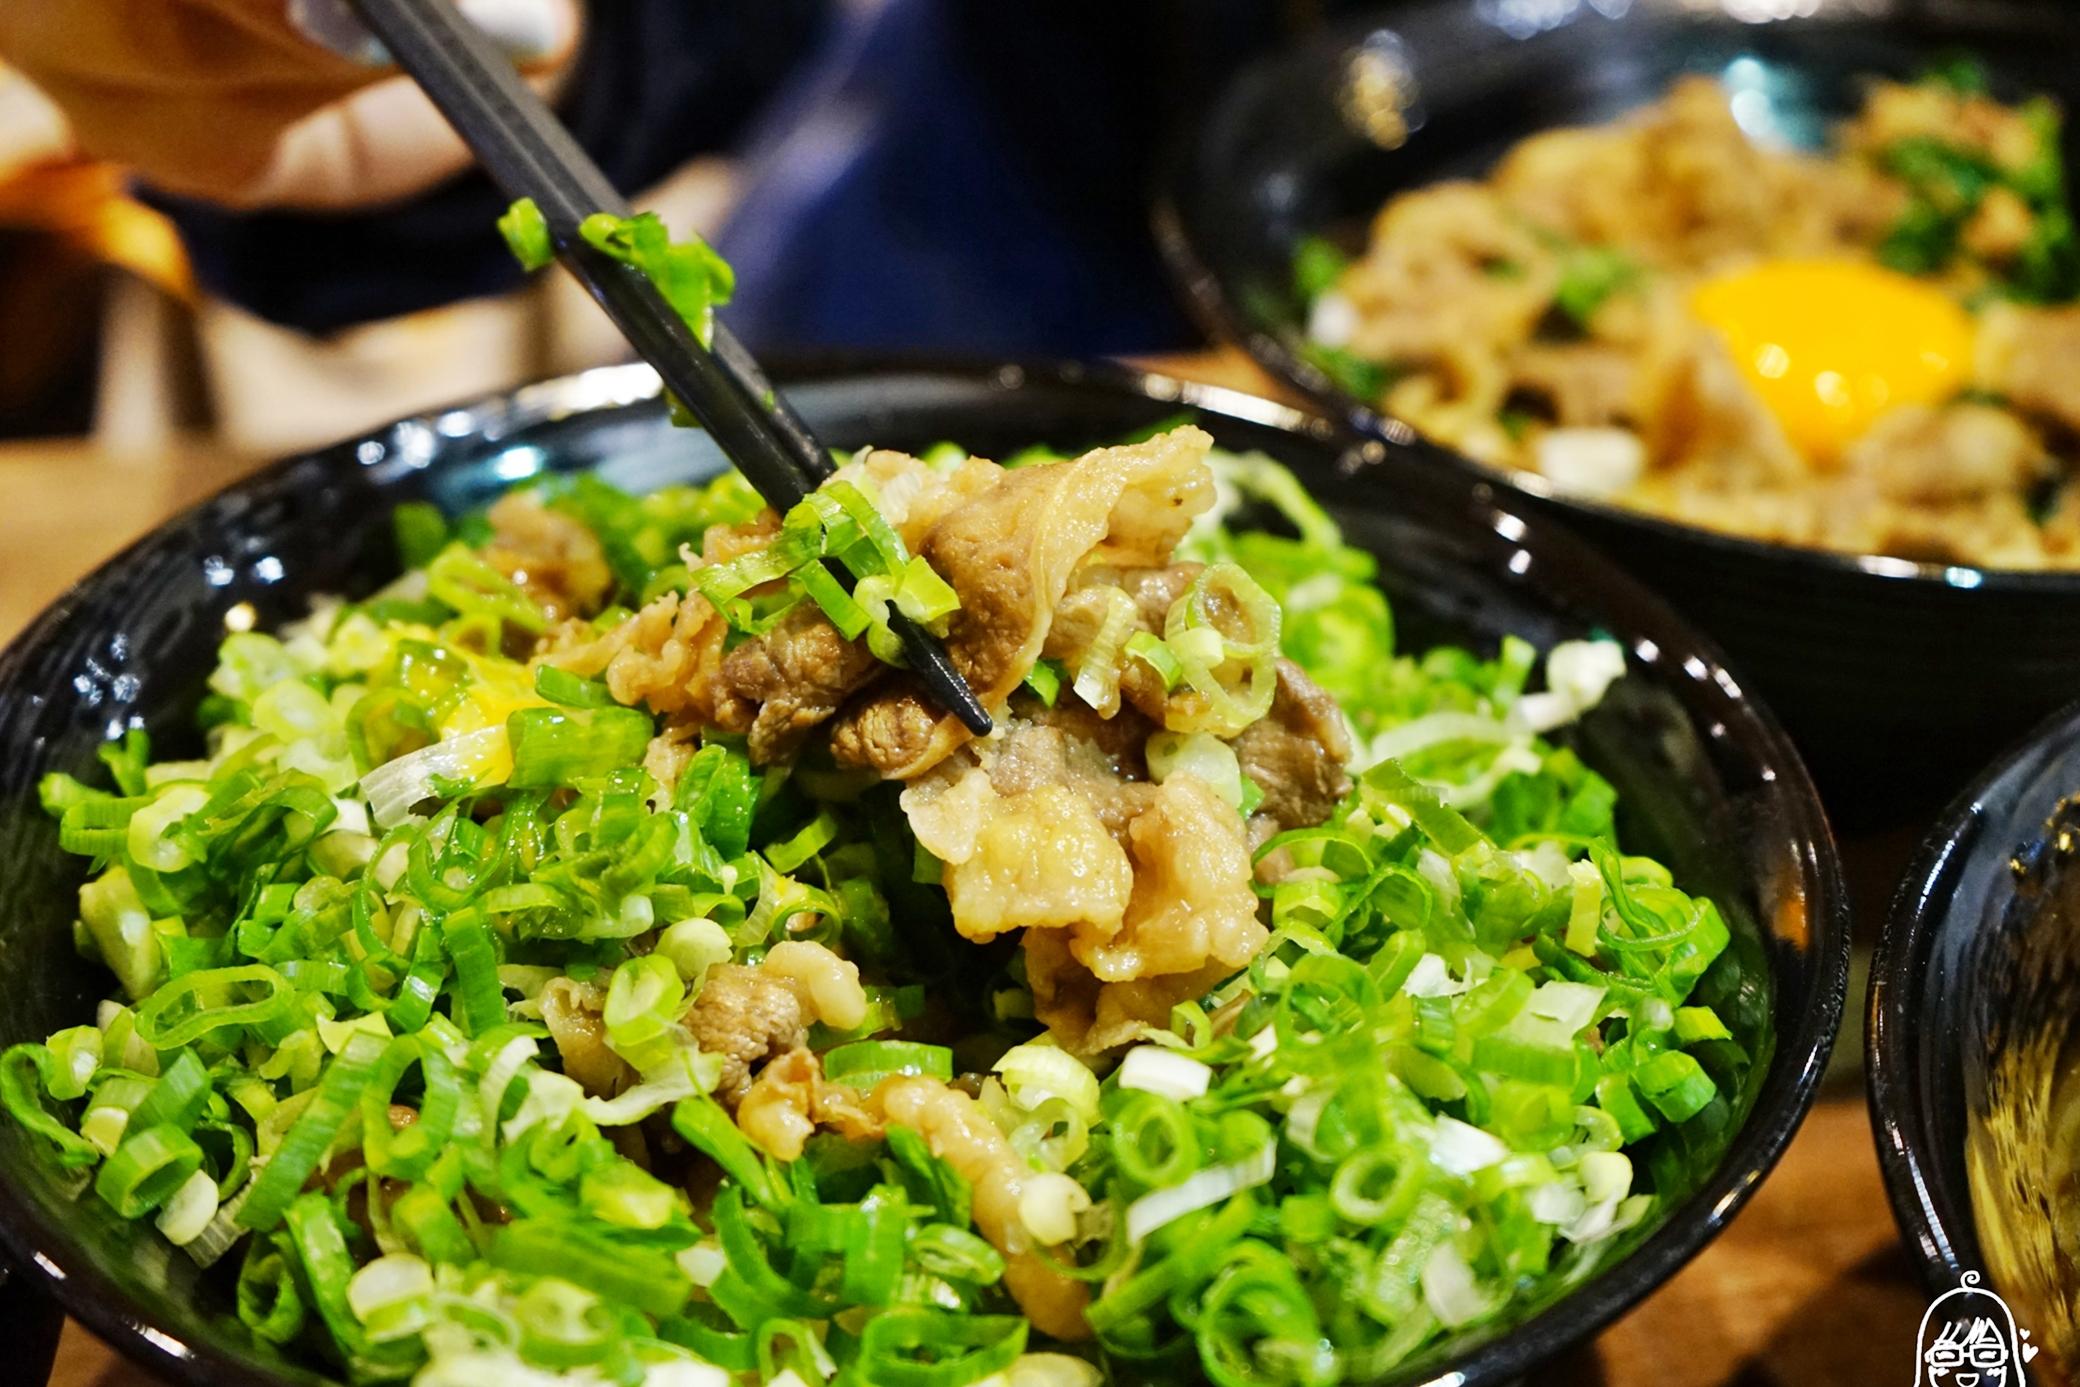 『桃園。美食』  新丼 創意丼飯專賣|將近30種創意丼飯 平價大份量!還有白飯、小菜、味噌湯、熱茶無限免費續到飽。